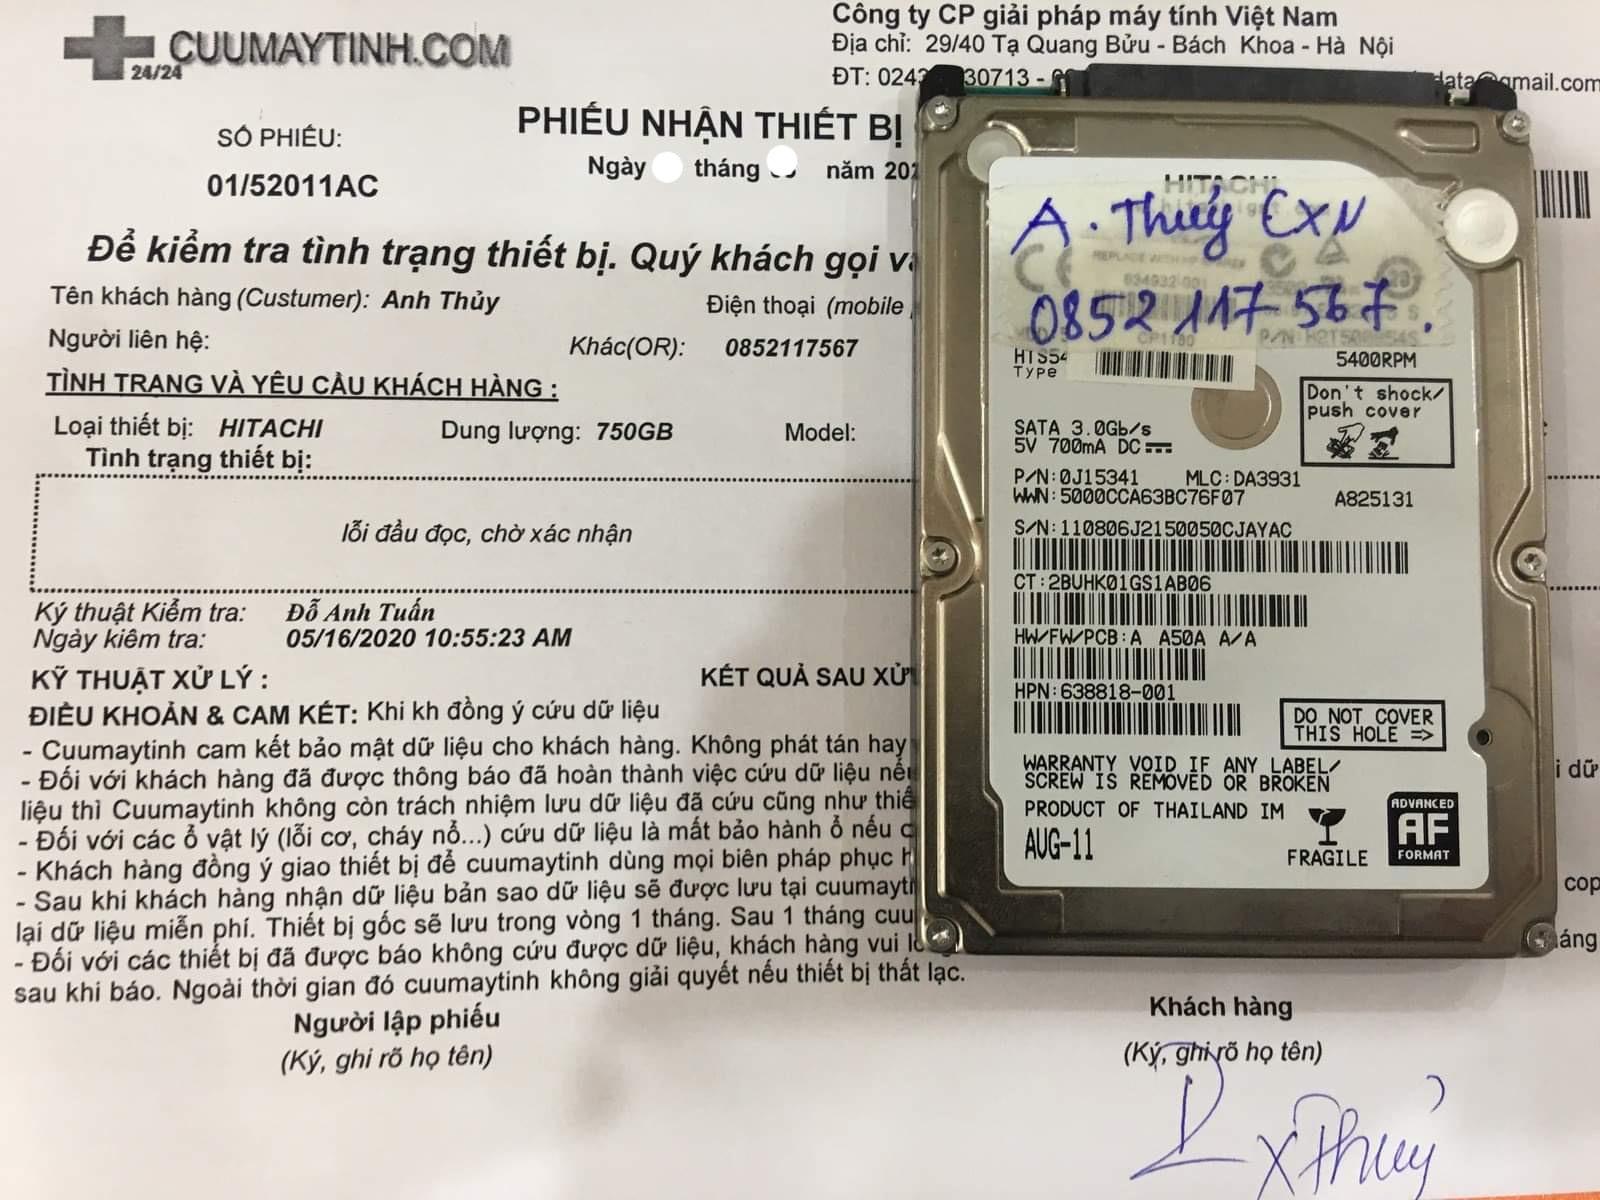 Phục hồi dữ liệu ổ cứng Hitachi 750GB lỗi đầu đọc 02/07/2020 - cuumaytinh